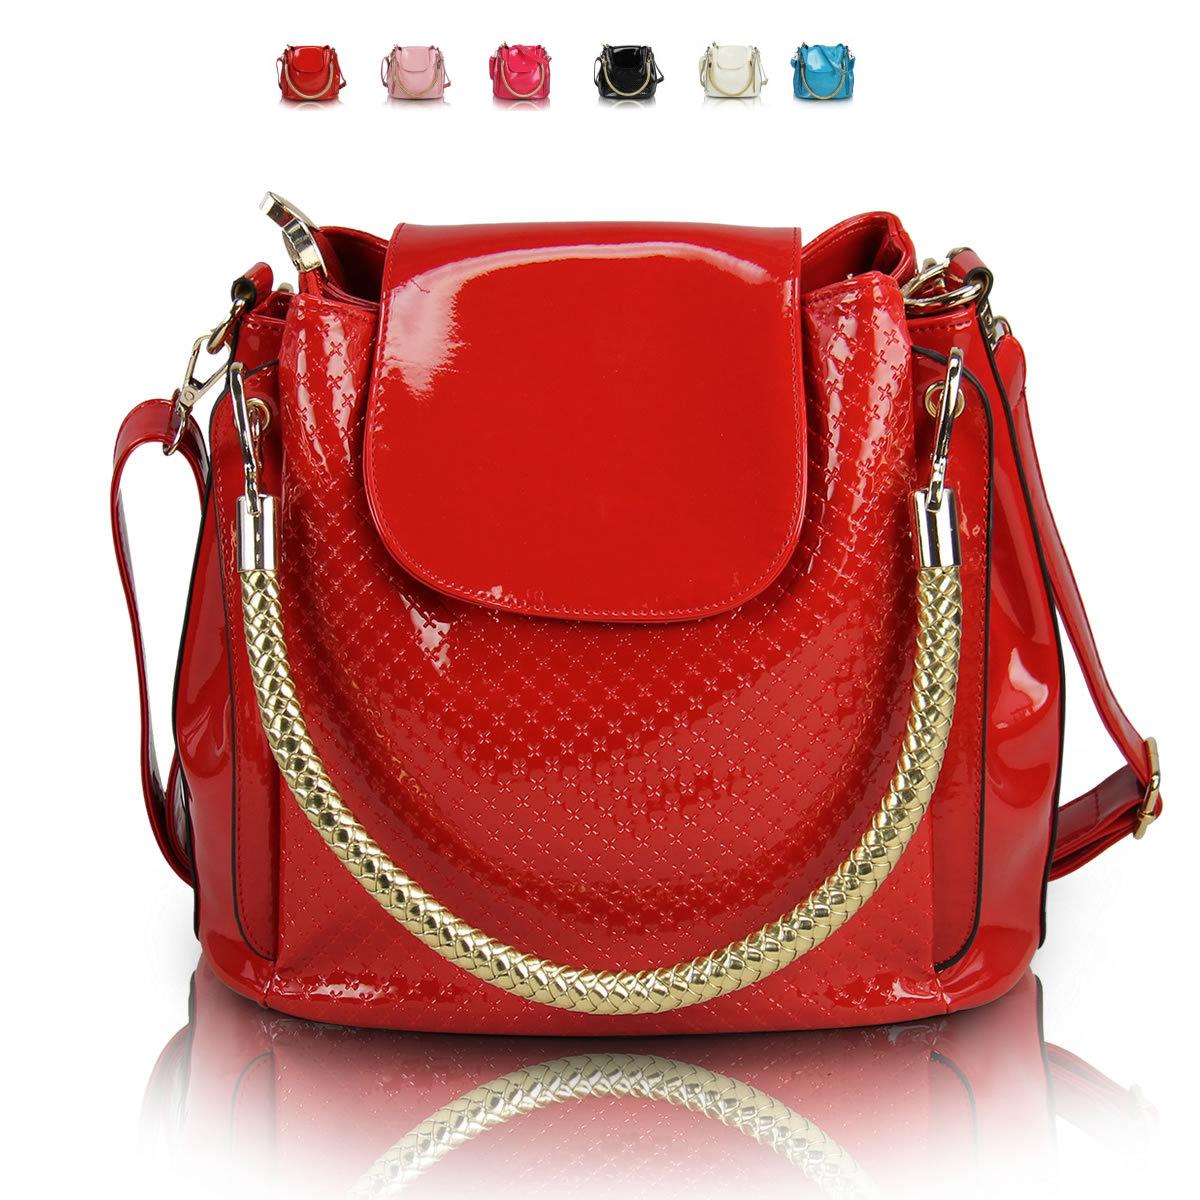 红色漆皮新娘结婚女包包2013新款女士手提水桶PU亮皮压花链条两用